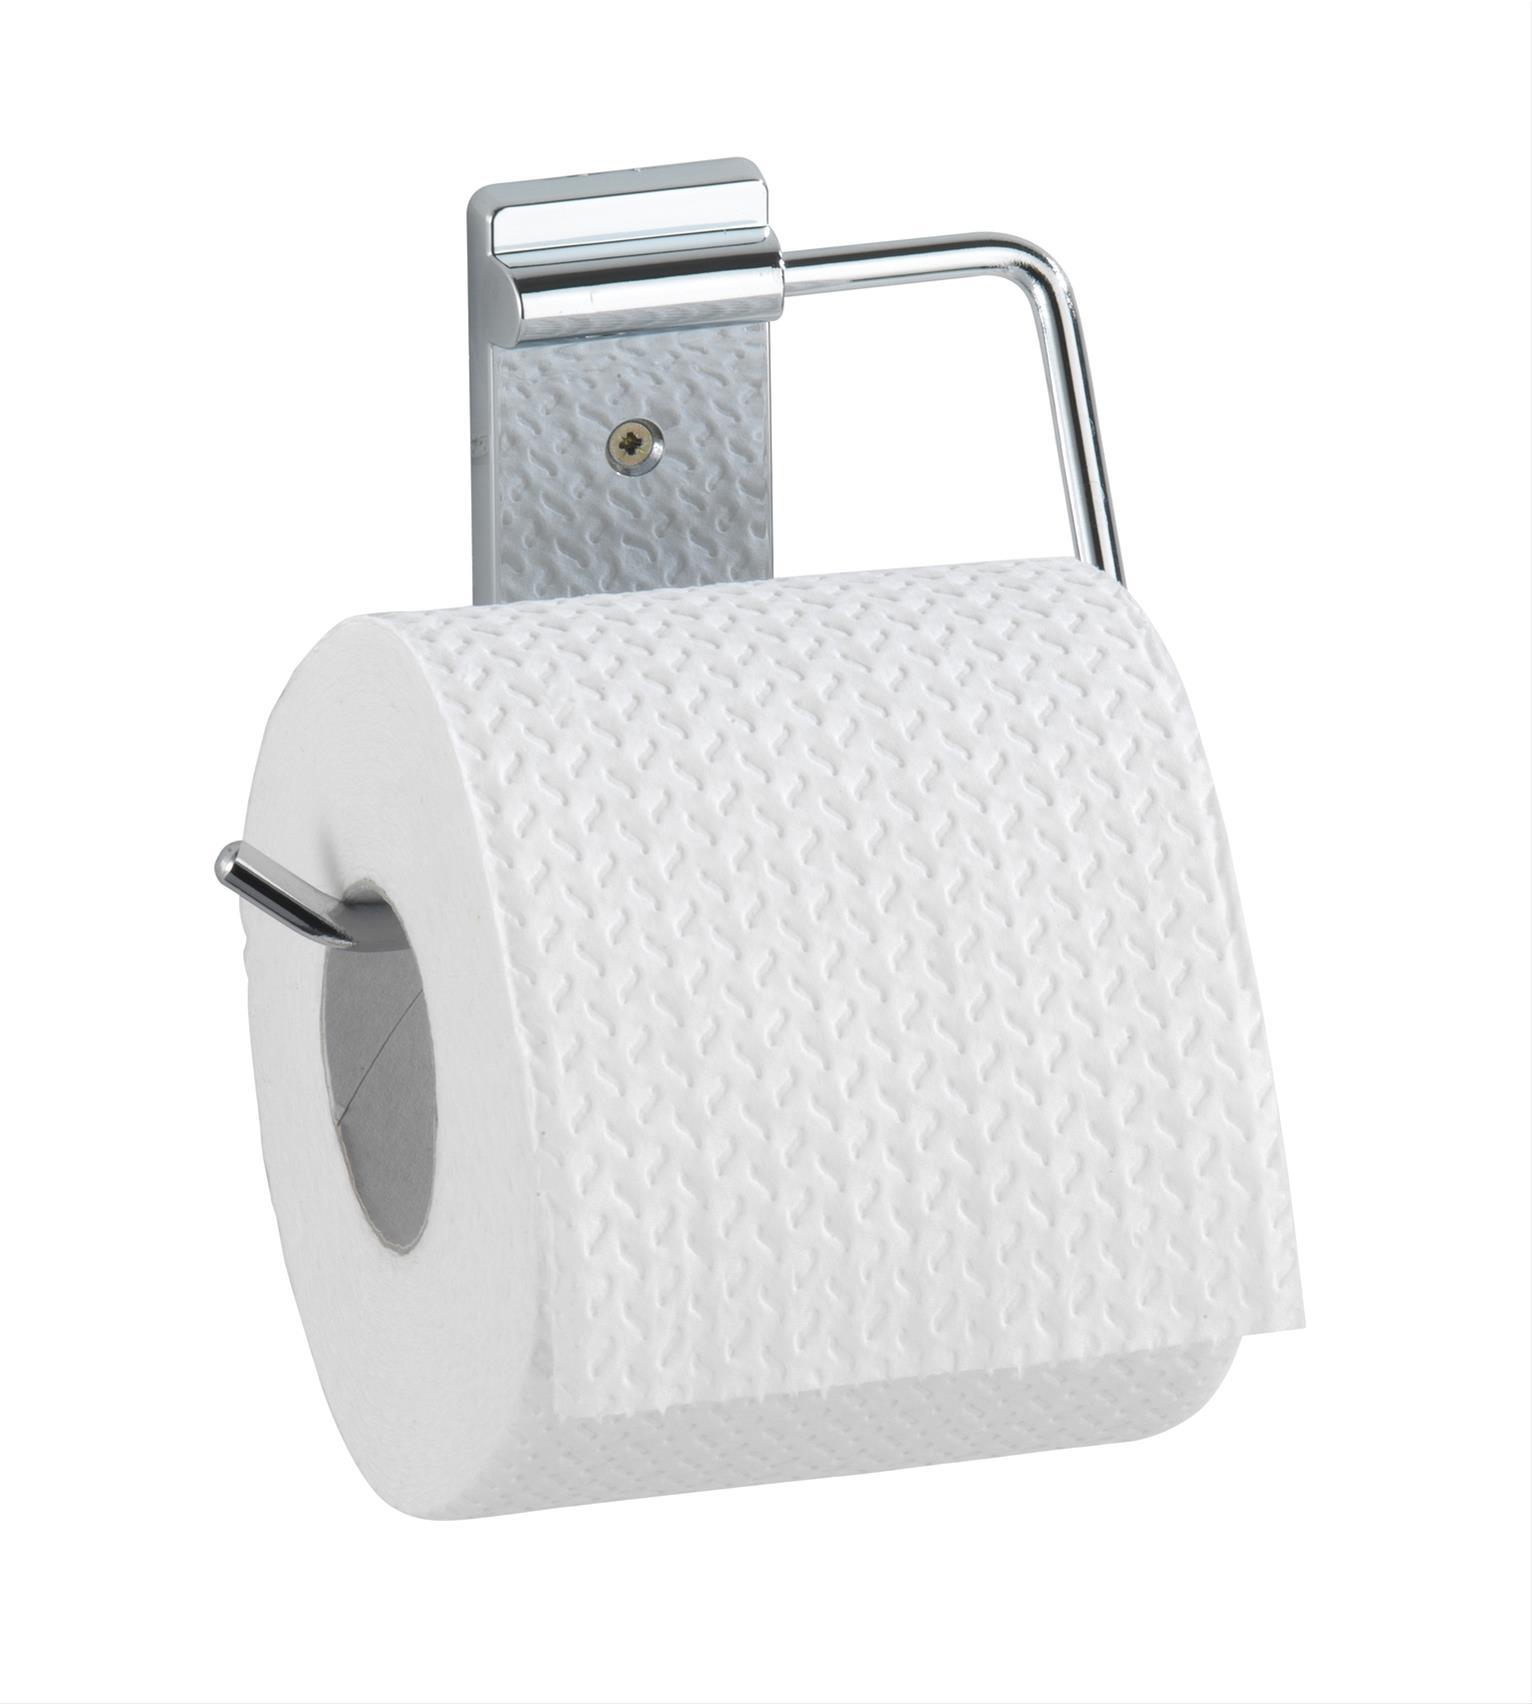 Toilettenpapierhalter ohne Deckel Basic Bild 1